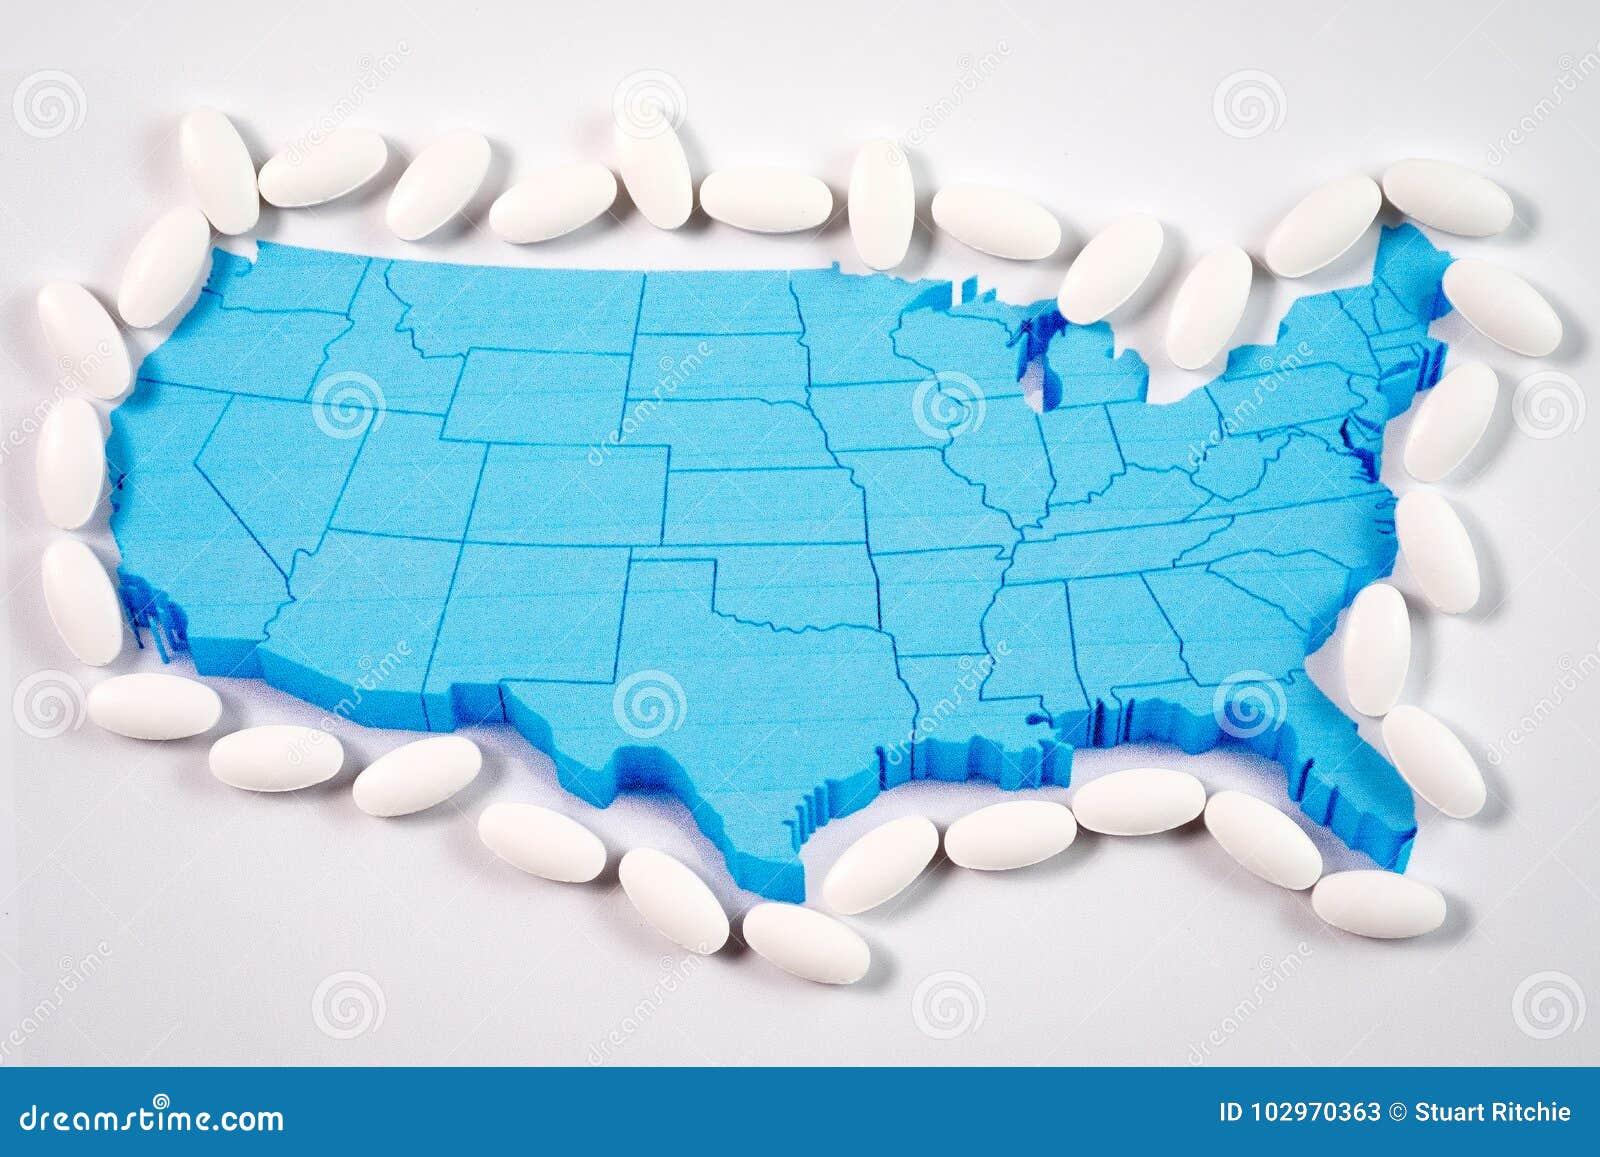 Άσπρα χάπια συνταγών που περιβάλλουν το χάρτη της Αμερικής